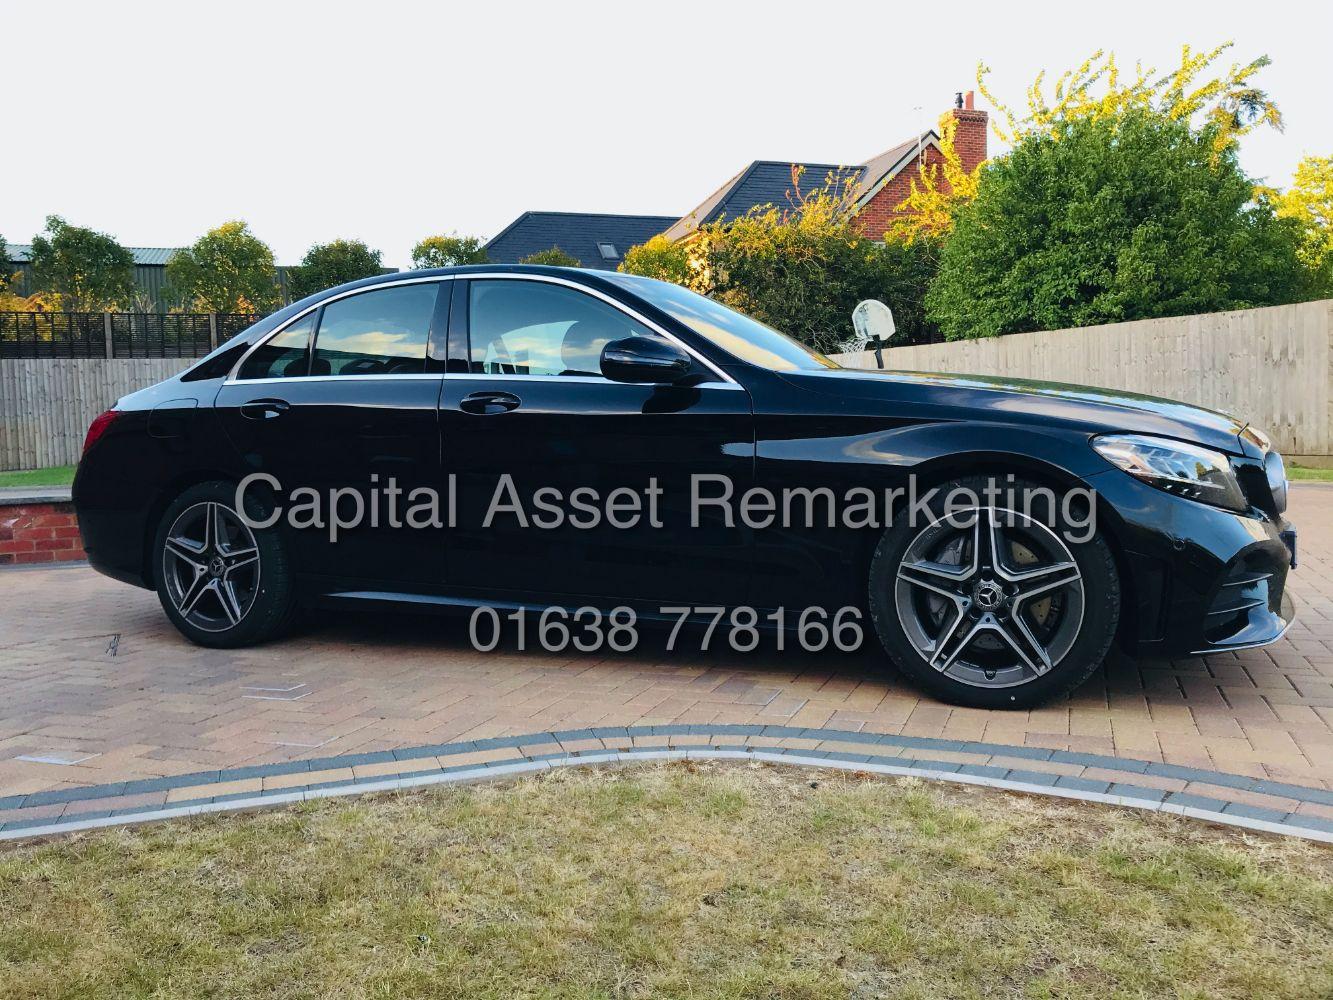 2020 Mercedes C220d *AMG* - Swift 6 Berth Touring Caravan - 2020 Volkswagen Golf R *DSG Auto* - + Many More: Cars & Commercials